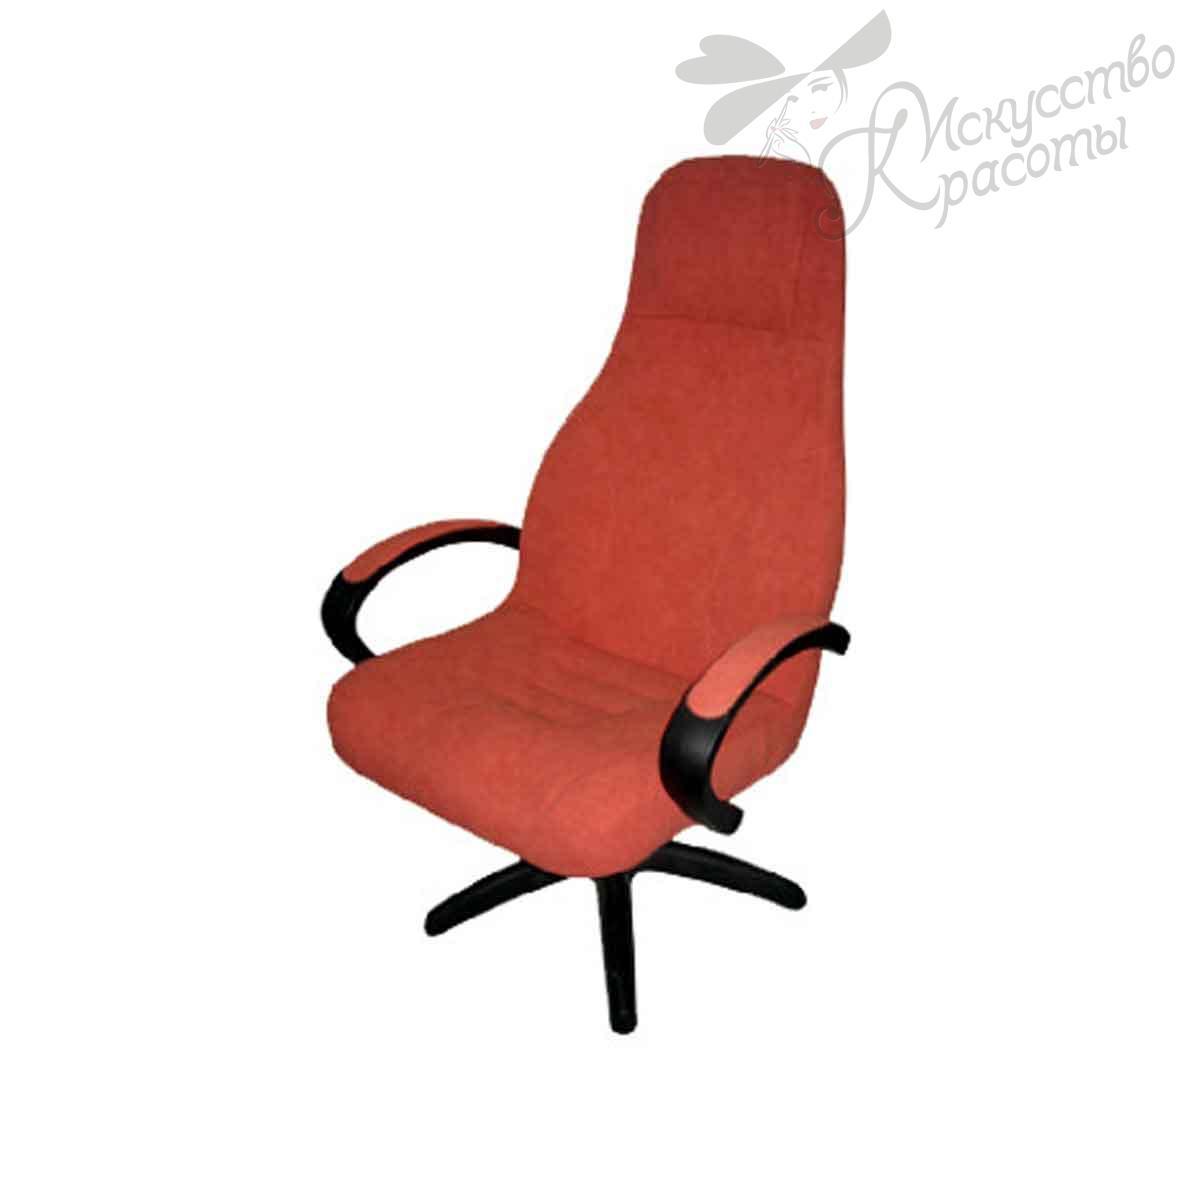 Педикюрное кресло Эльф на базе